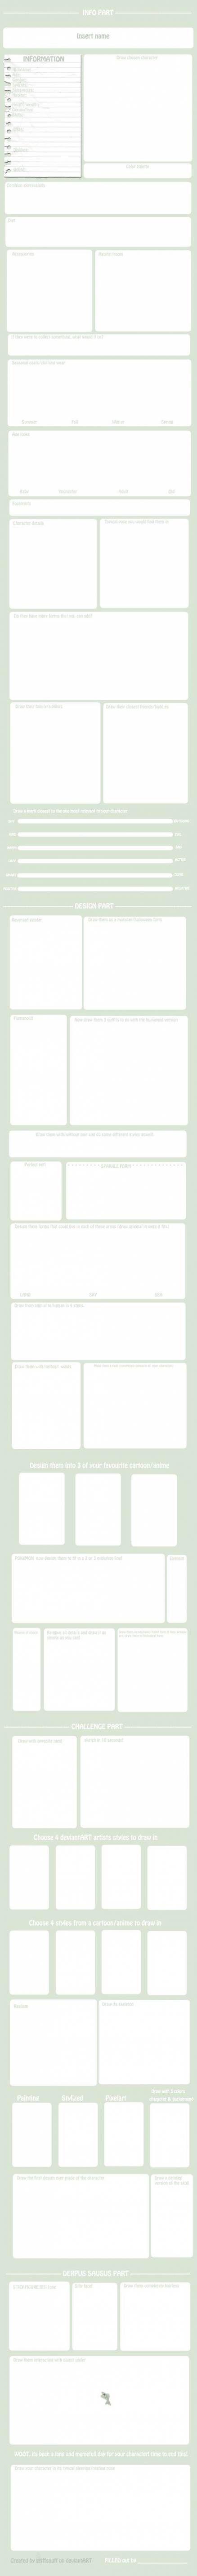 Défi du personnage 30 jours Caractère 21 Idées - # Défi # Personnage # Dessin # Idées - #Nouveau - - -